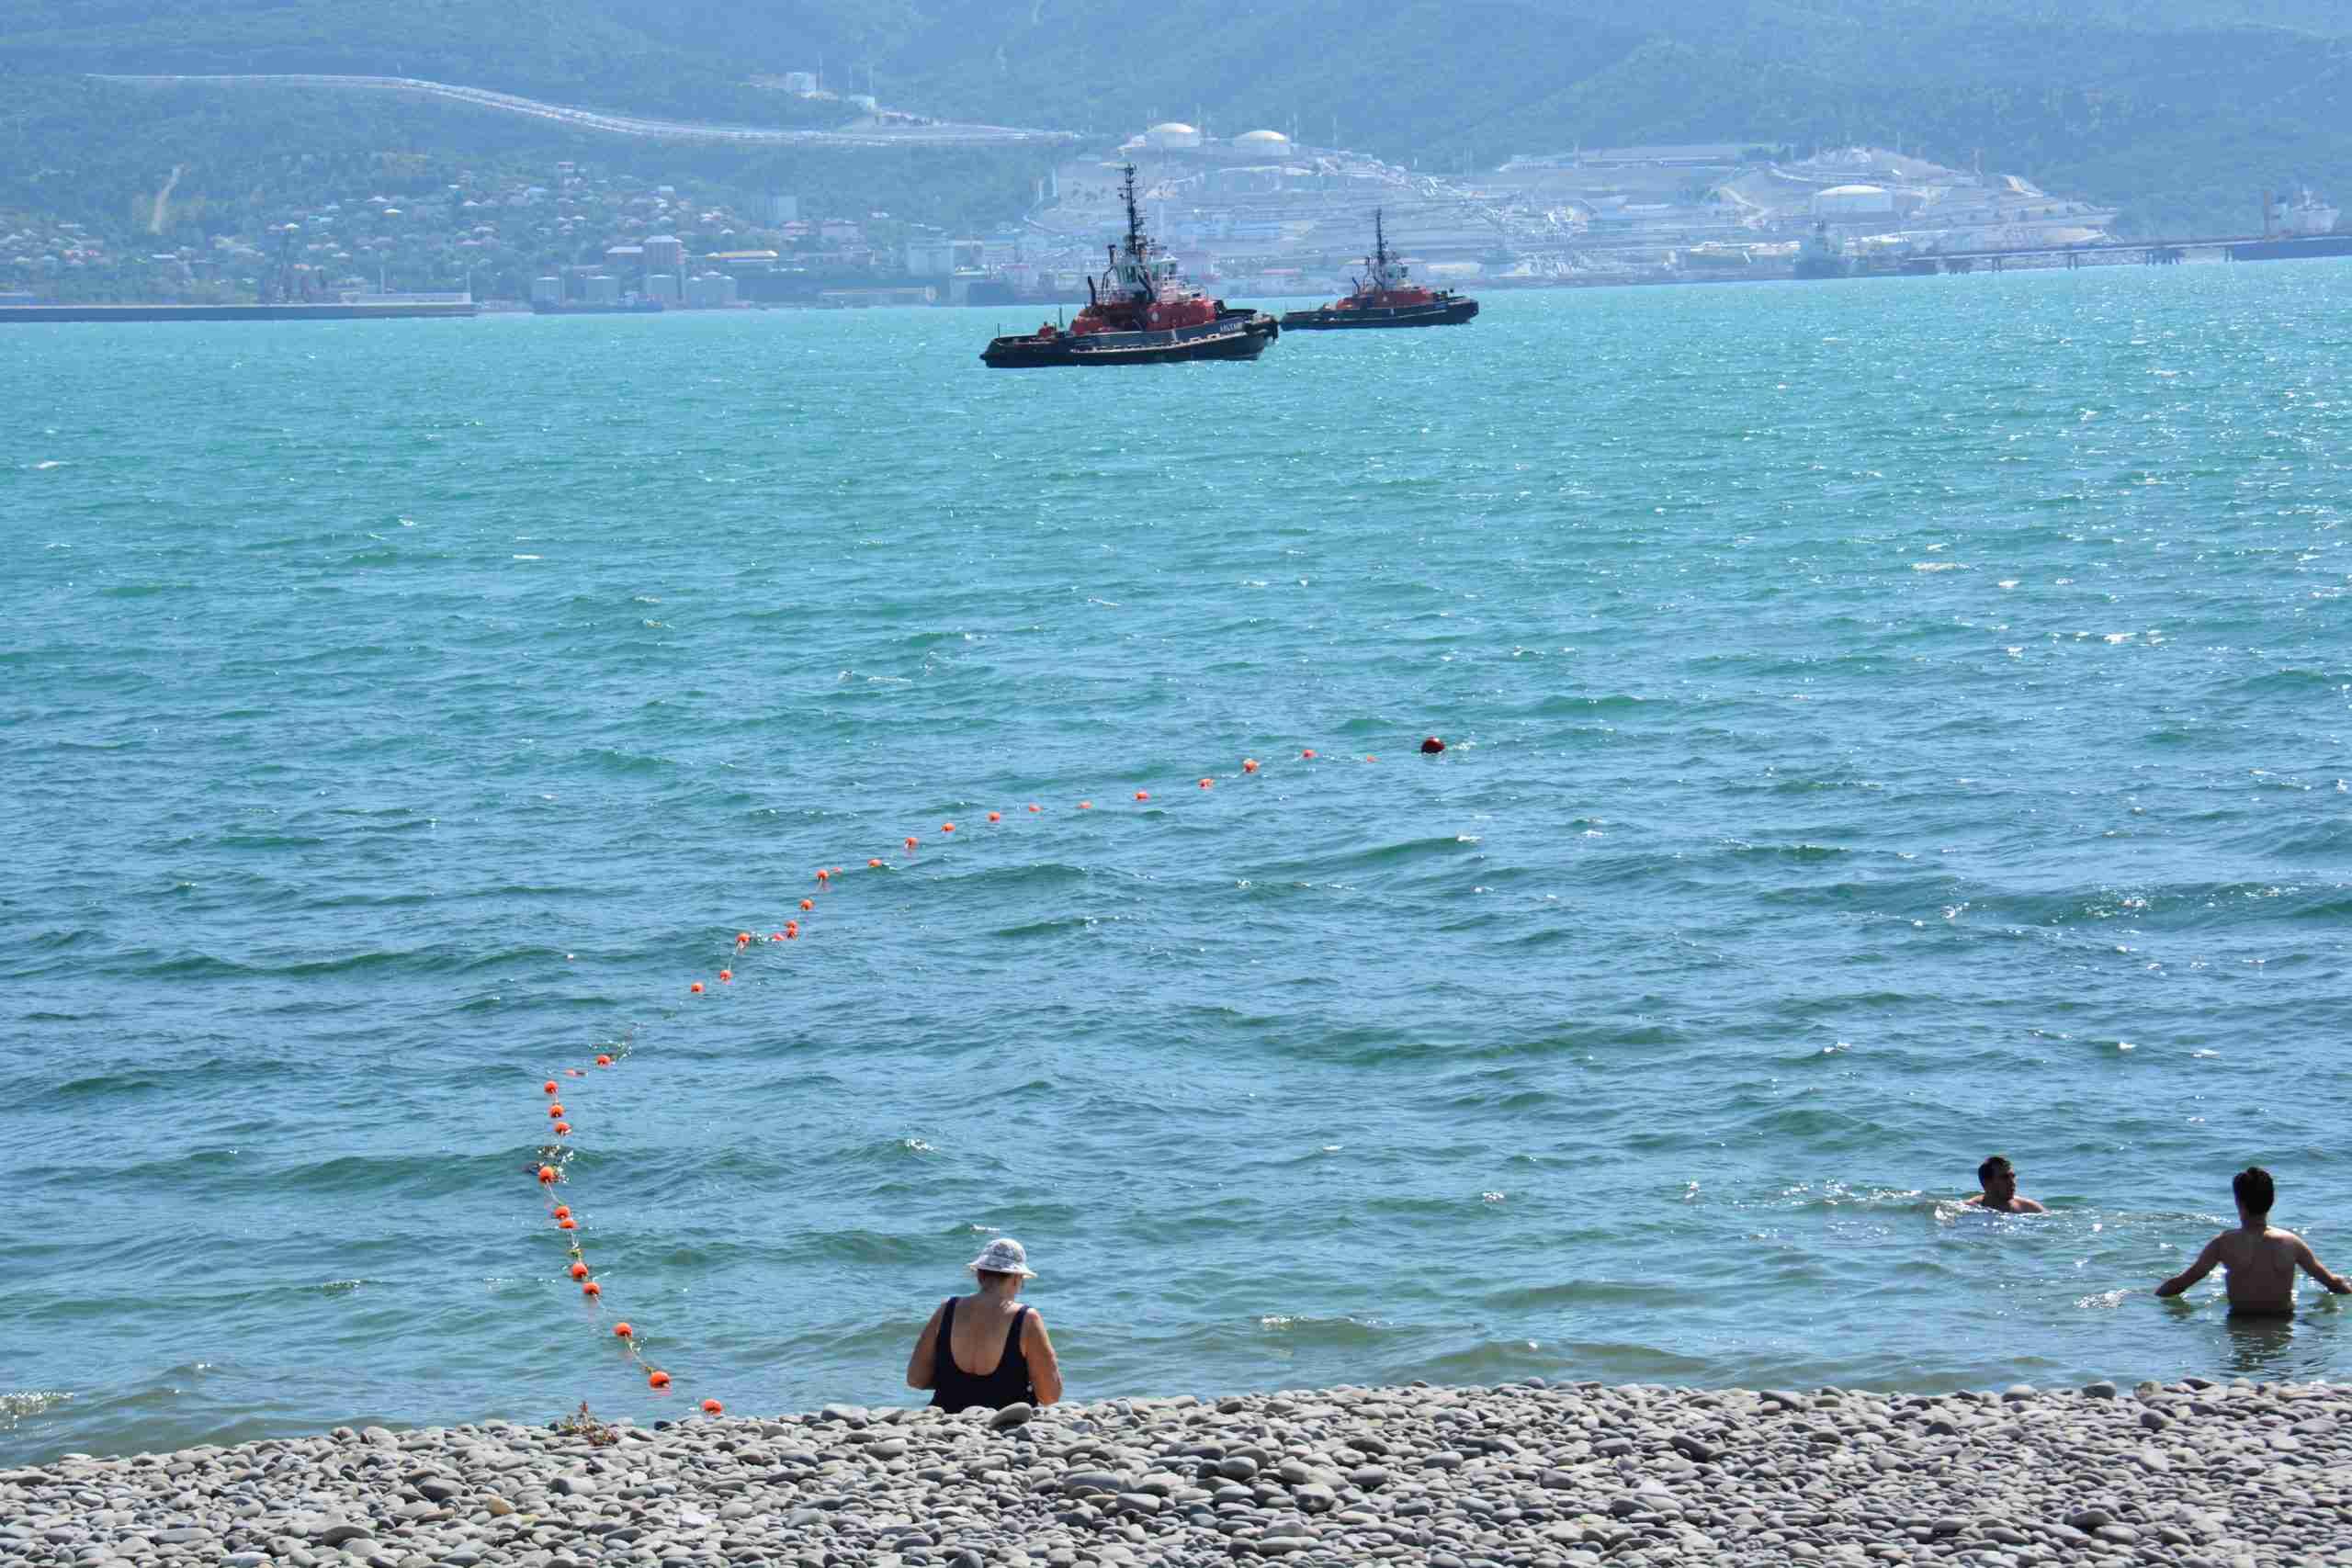 Погода в Новороссийске: на море можно только смотреть, плавать холодно